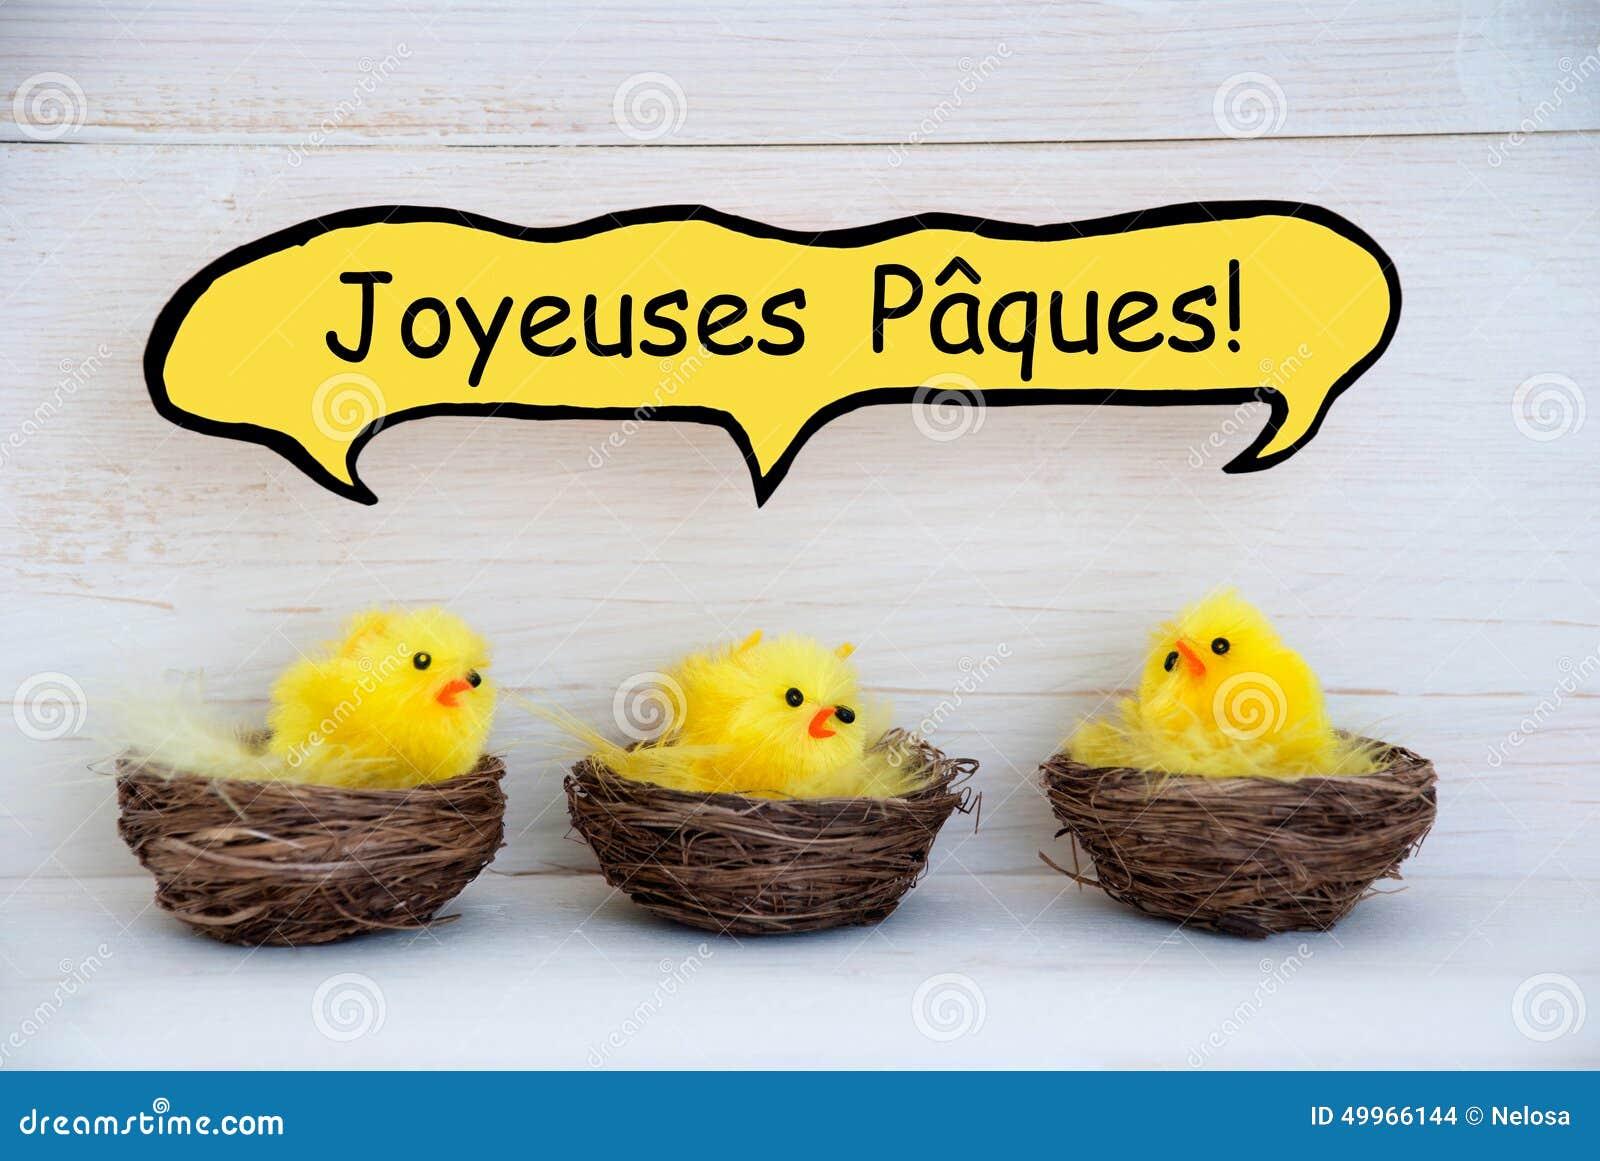 Trois poussins avec le Français comique Joyeuses Paques de ballon de la parole signifie Joyeuses Pâques